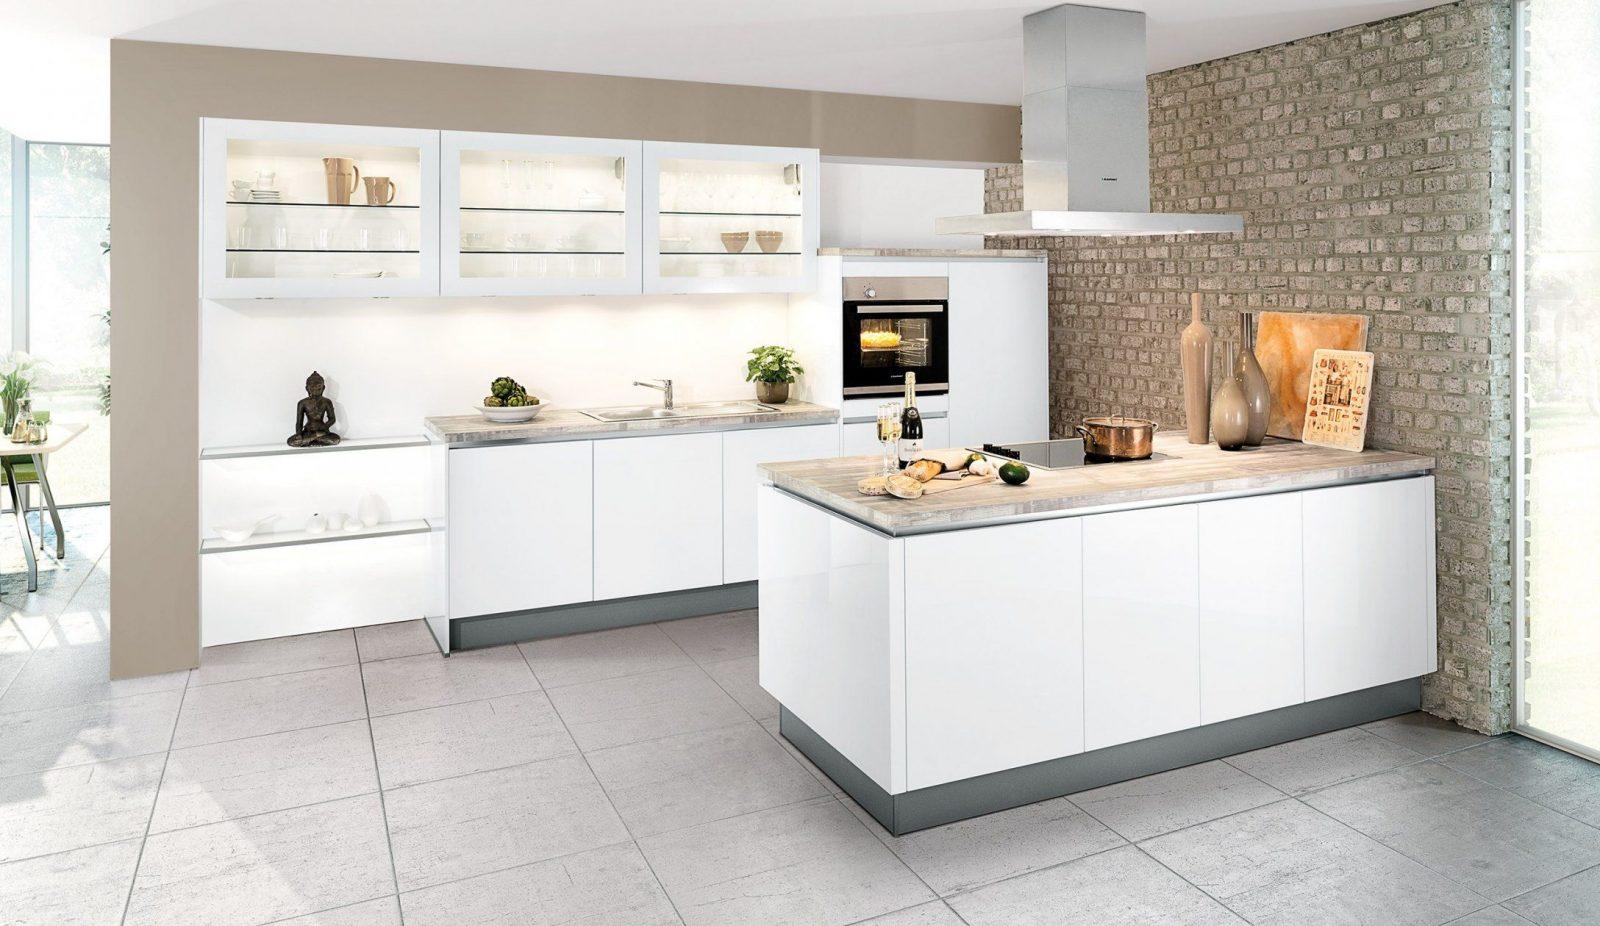 Arbeitsplatte Wei Hochglanz Küche Weiß Hochglanz Günstig von Küchenzeile Weiß Hochglanz Günstig Bild